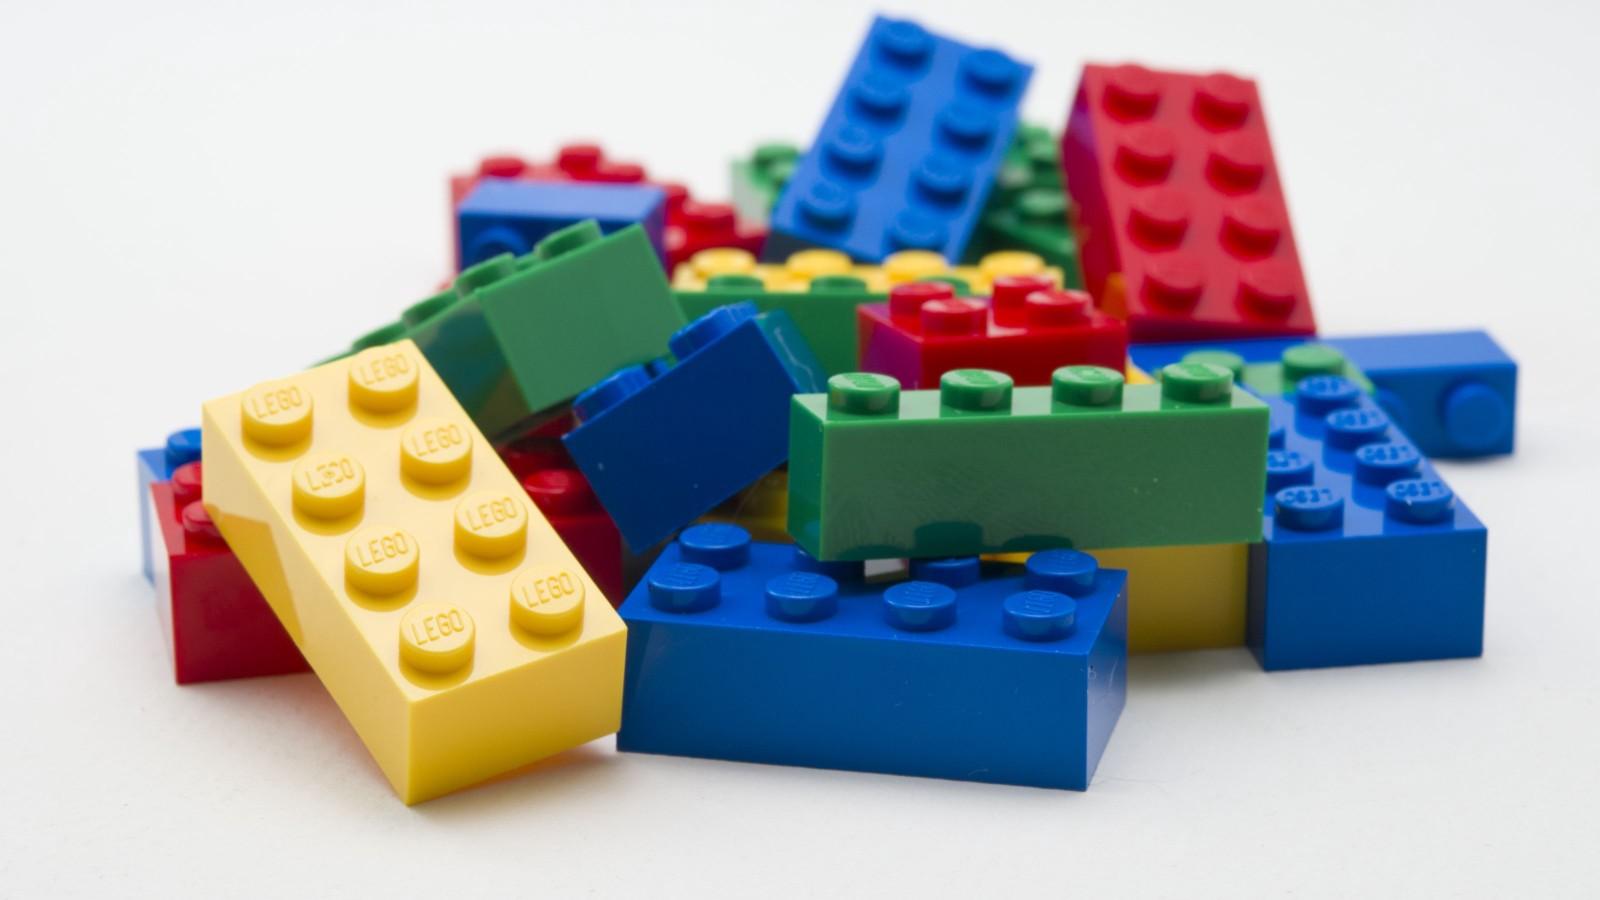 Lego Bricks Close-Up